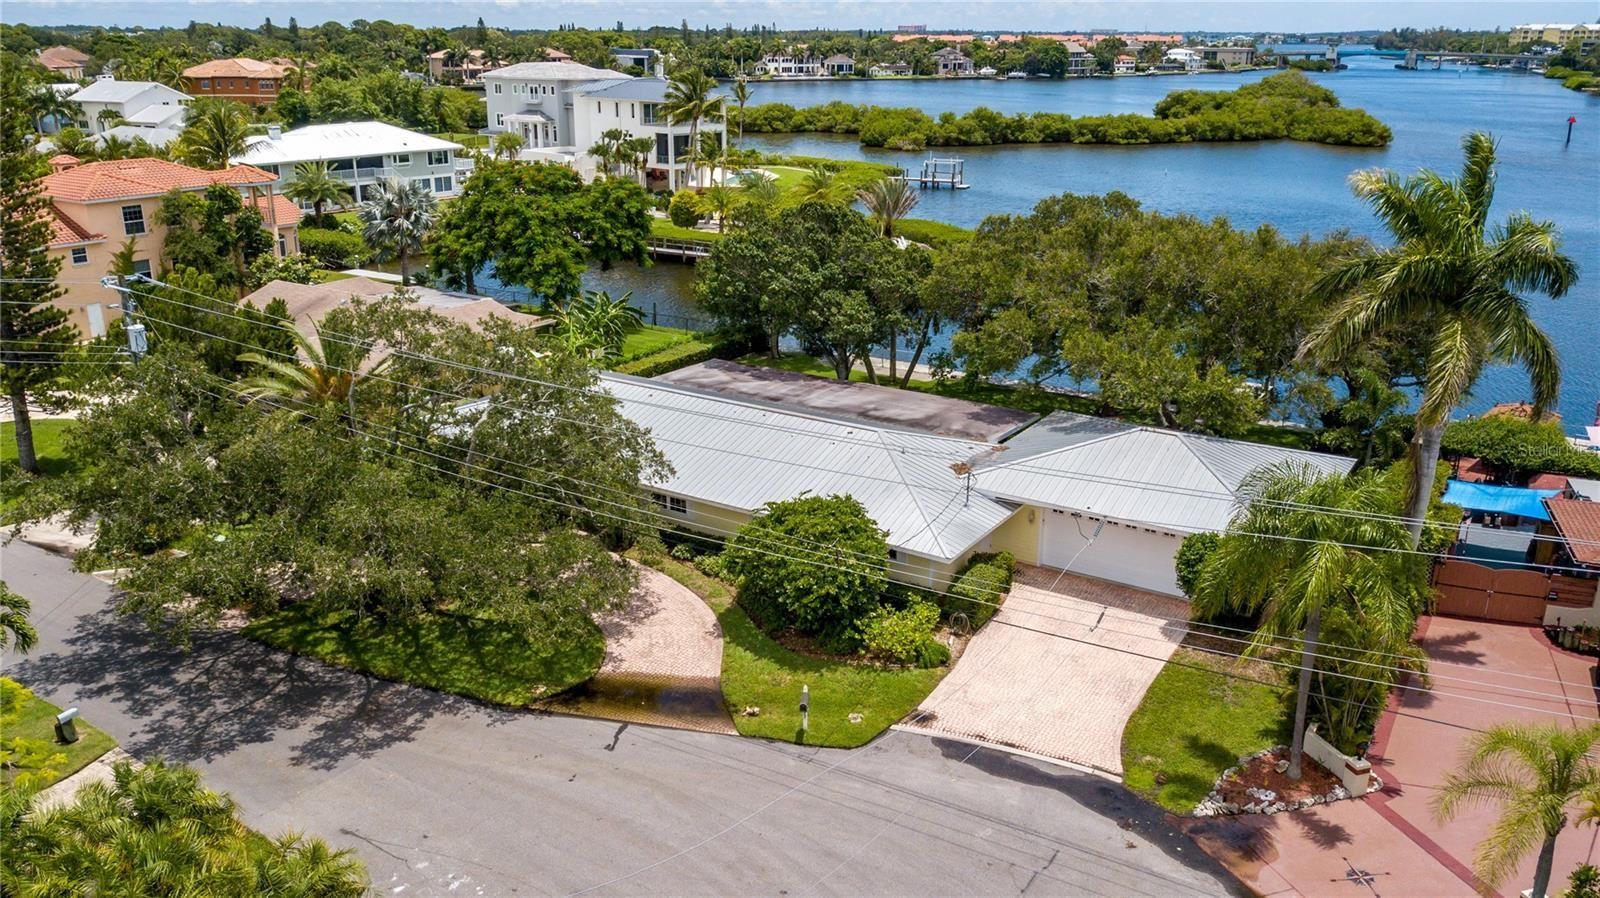 Photo of 1500 RIDGEWOOD LANE, SARASOTA, FL 34231 (MLS # A4508075)